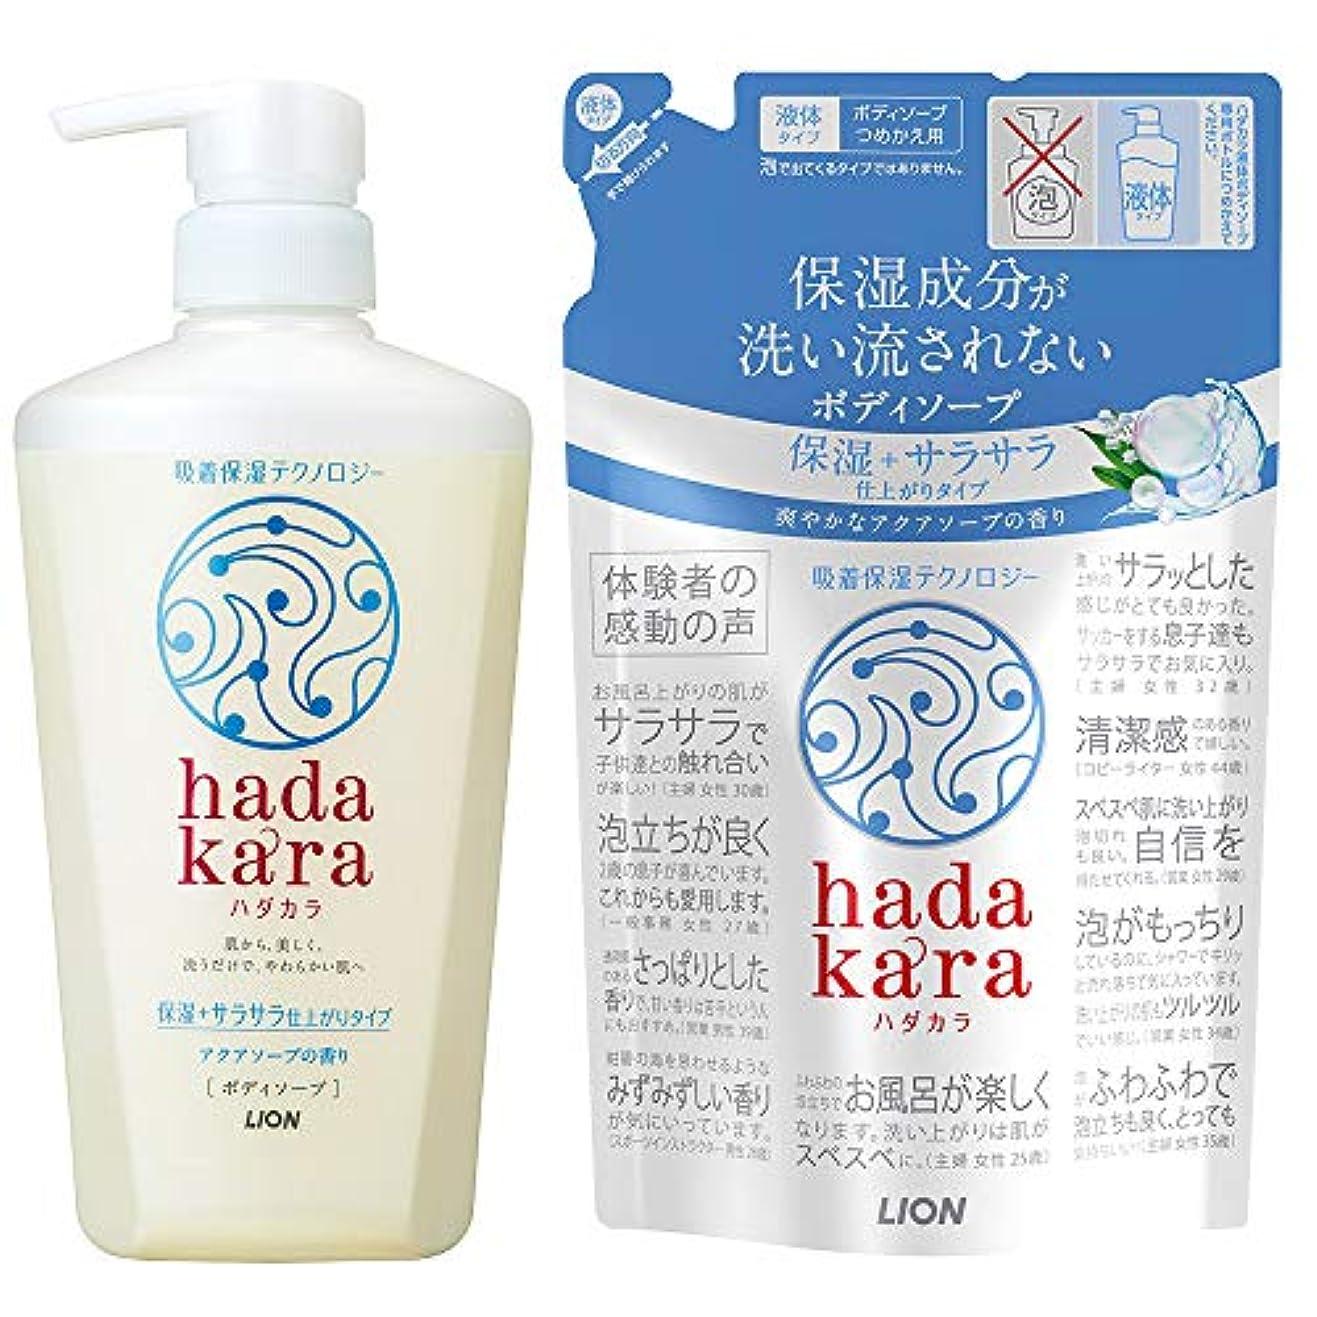 実験的幻滅するエピソードhadakara(ハダカラ)ボディソープ 保湿+サラサラ仕上がりタイプ アクアソープの香り 本体 480ml + つめかえ 340ml